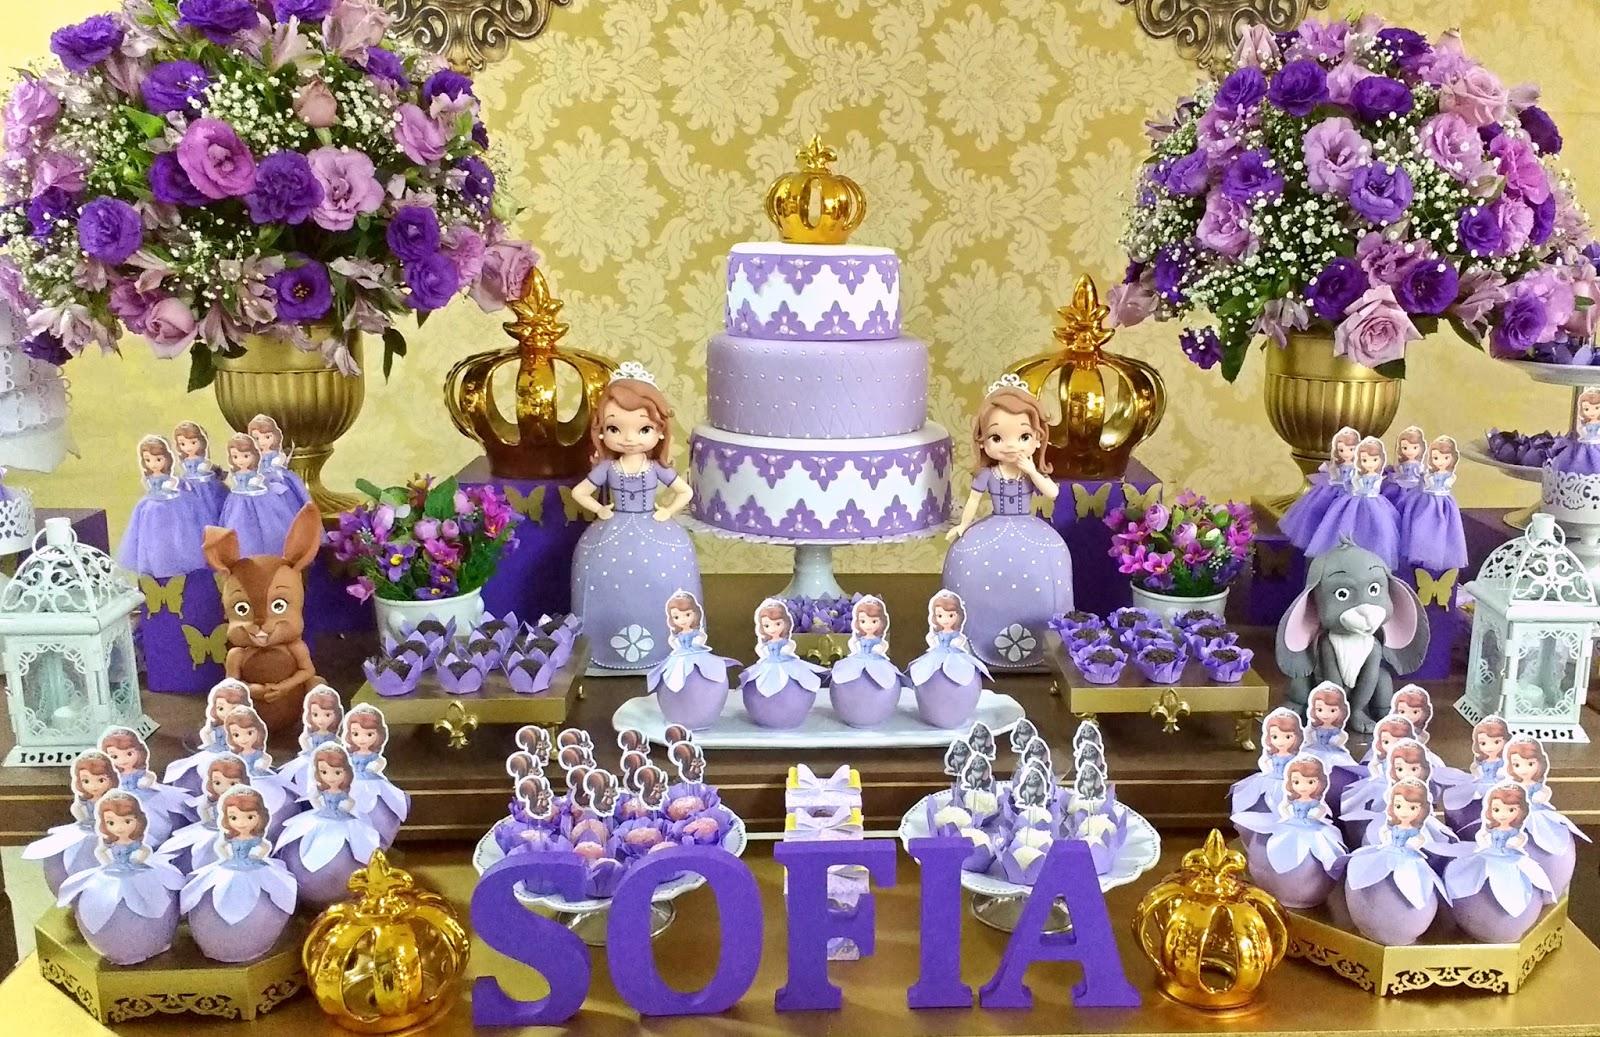 Império Decorações Decoraç u00e3o da Princesa Sofia em Sorocaba -> Decoração De Aniversário Princesa Sofia